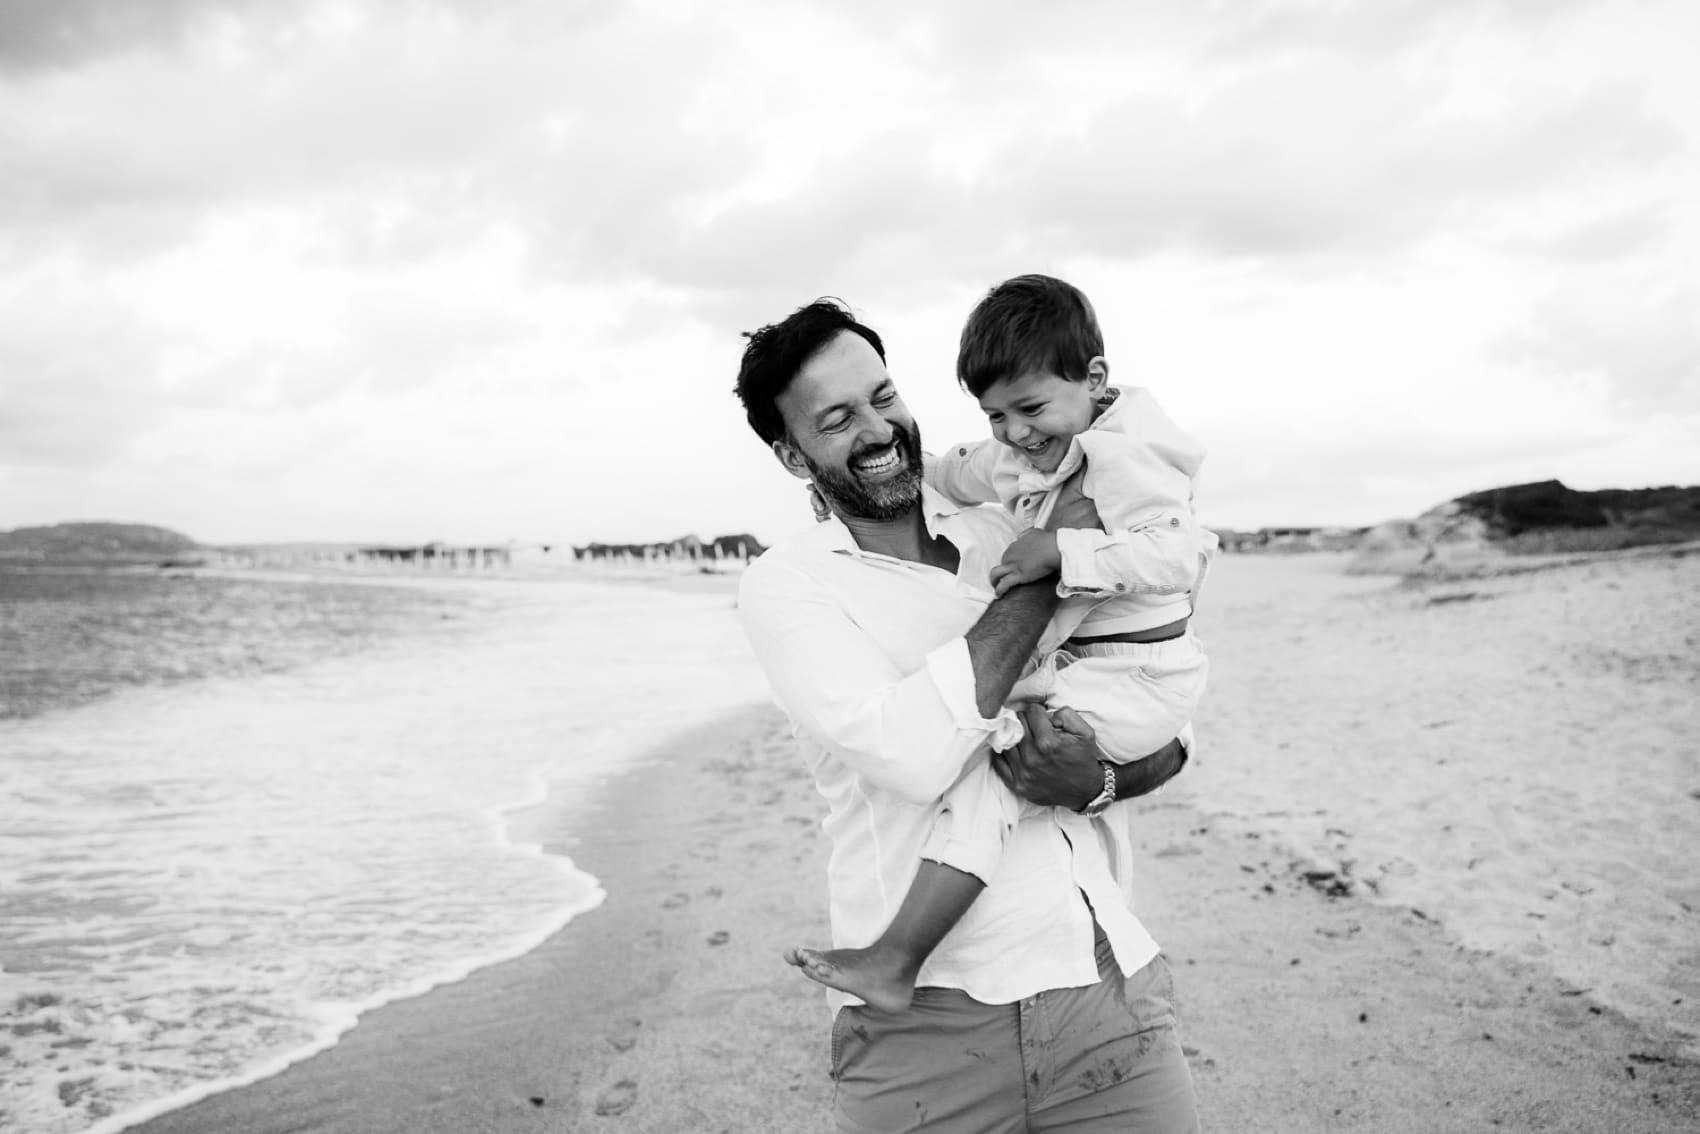 dad and son sardinia photo on the beach